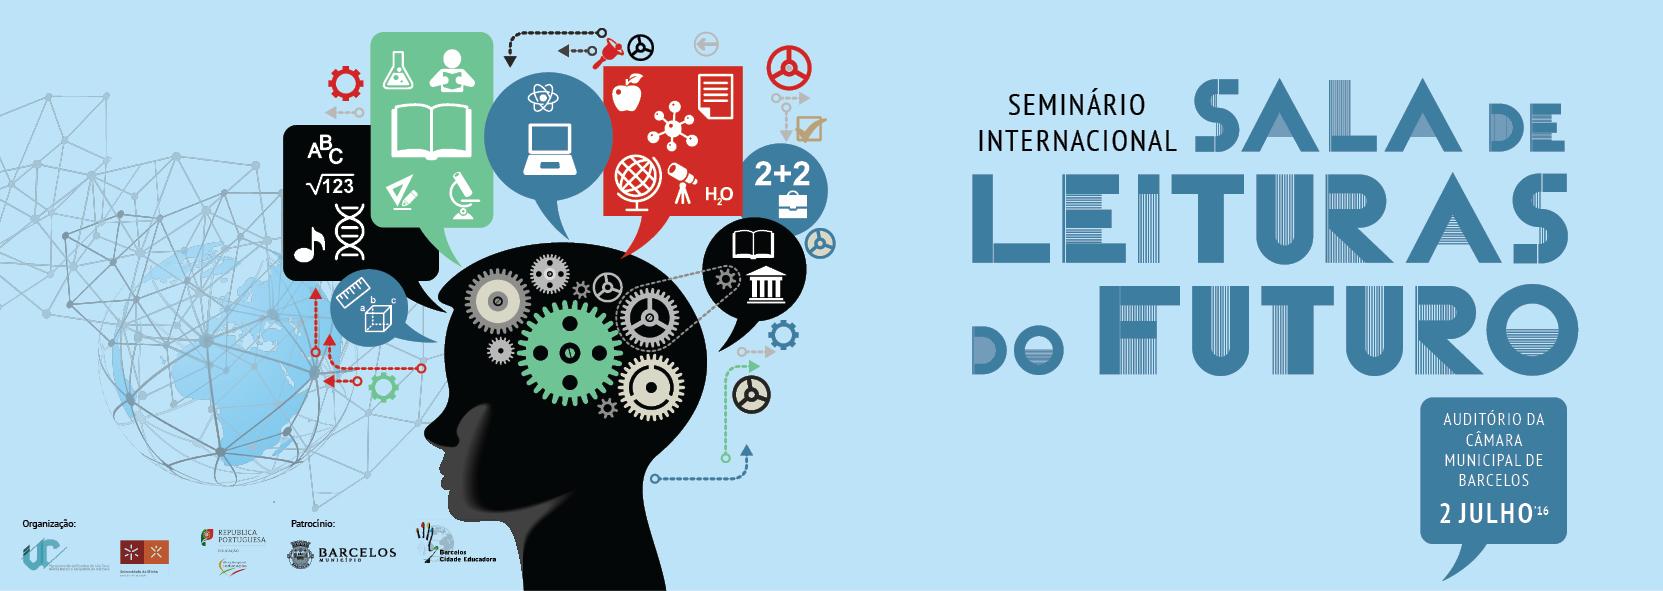 Câmara promove seminário sobre literacia digital